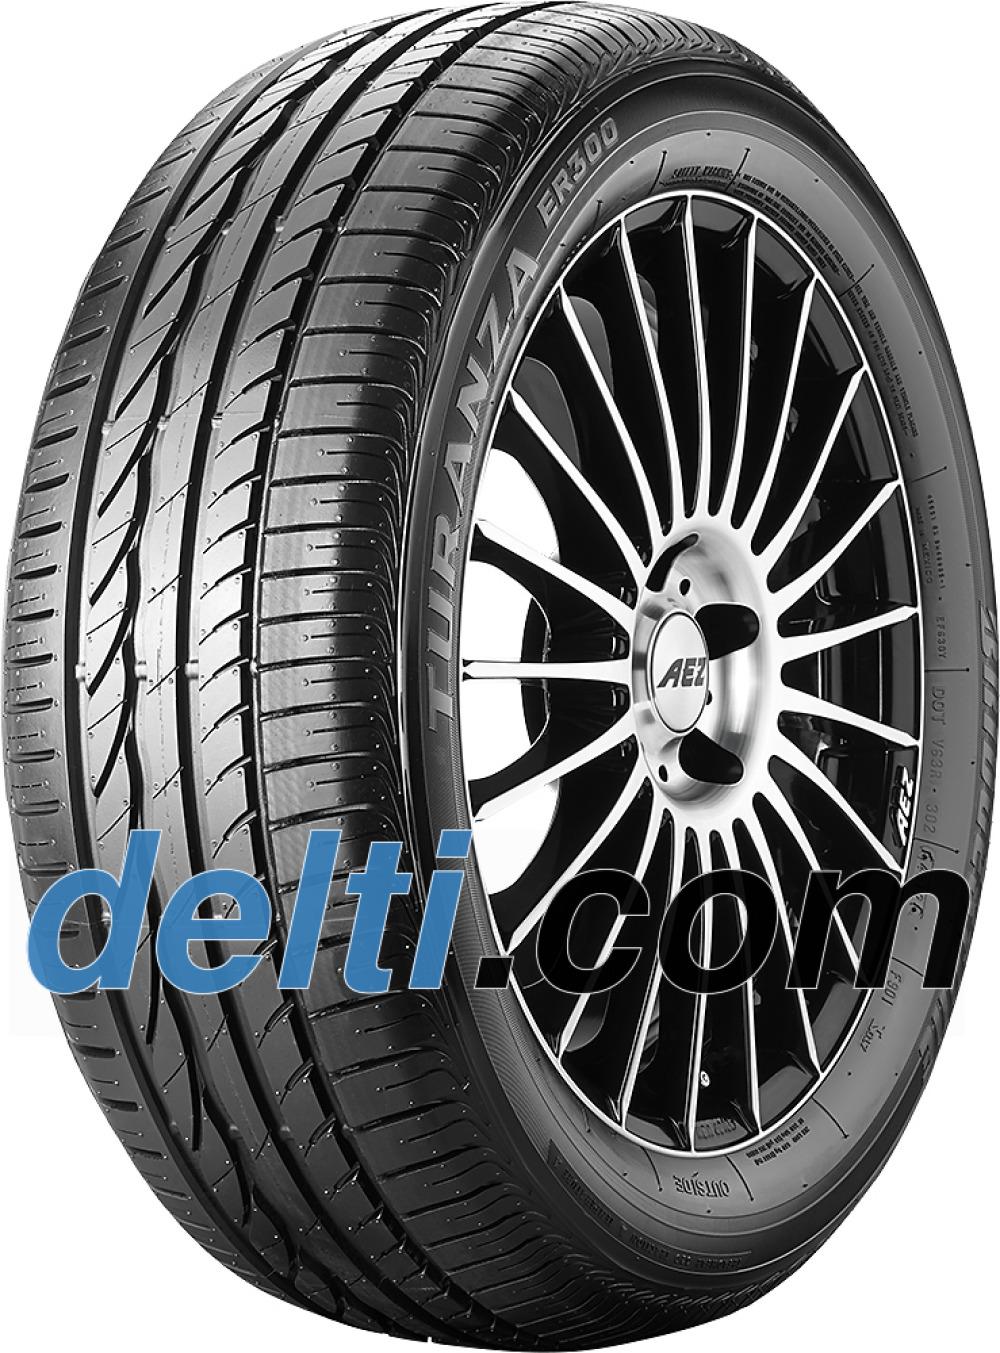 Bridgestone Turanza ER 300 ( 215/50 R17 95W XL com protecção da jante (MFS) )